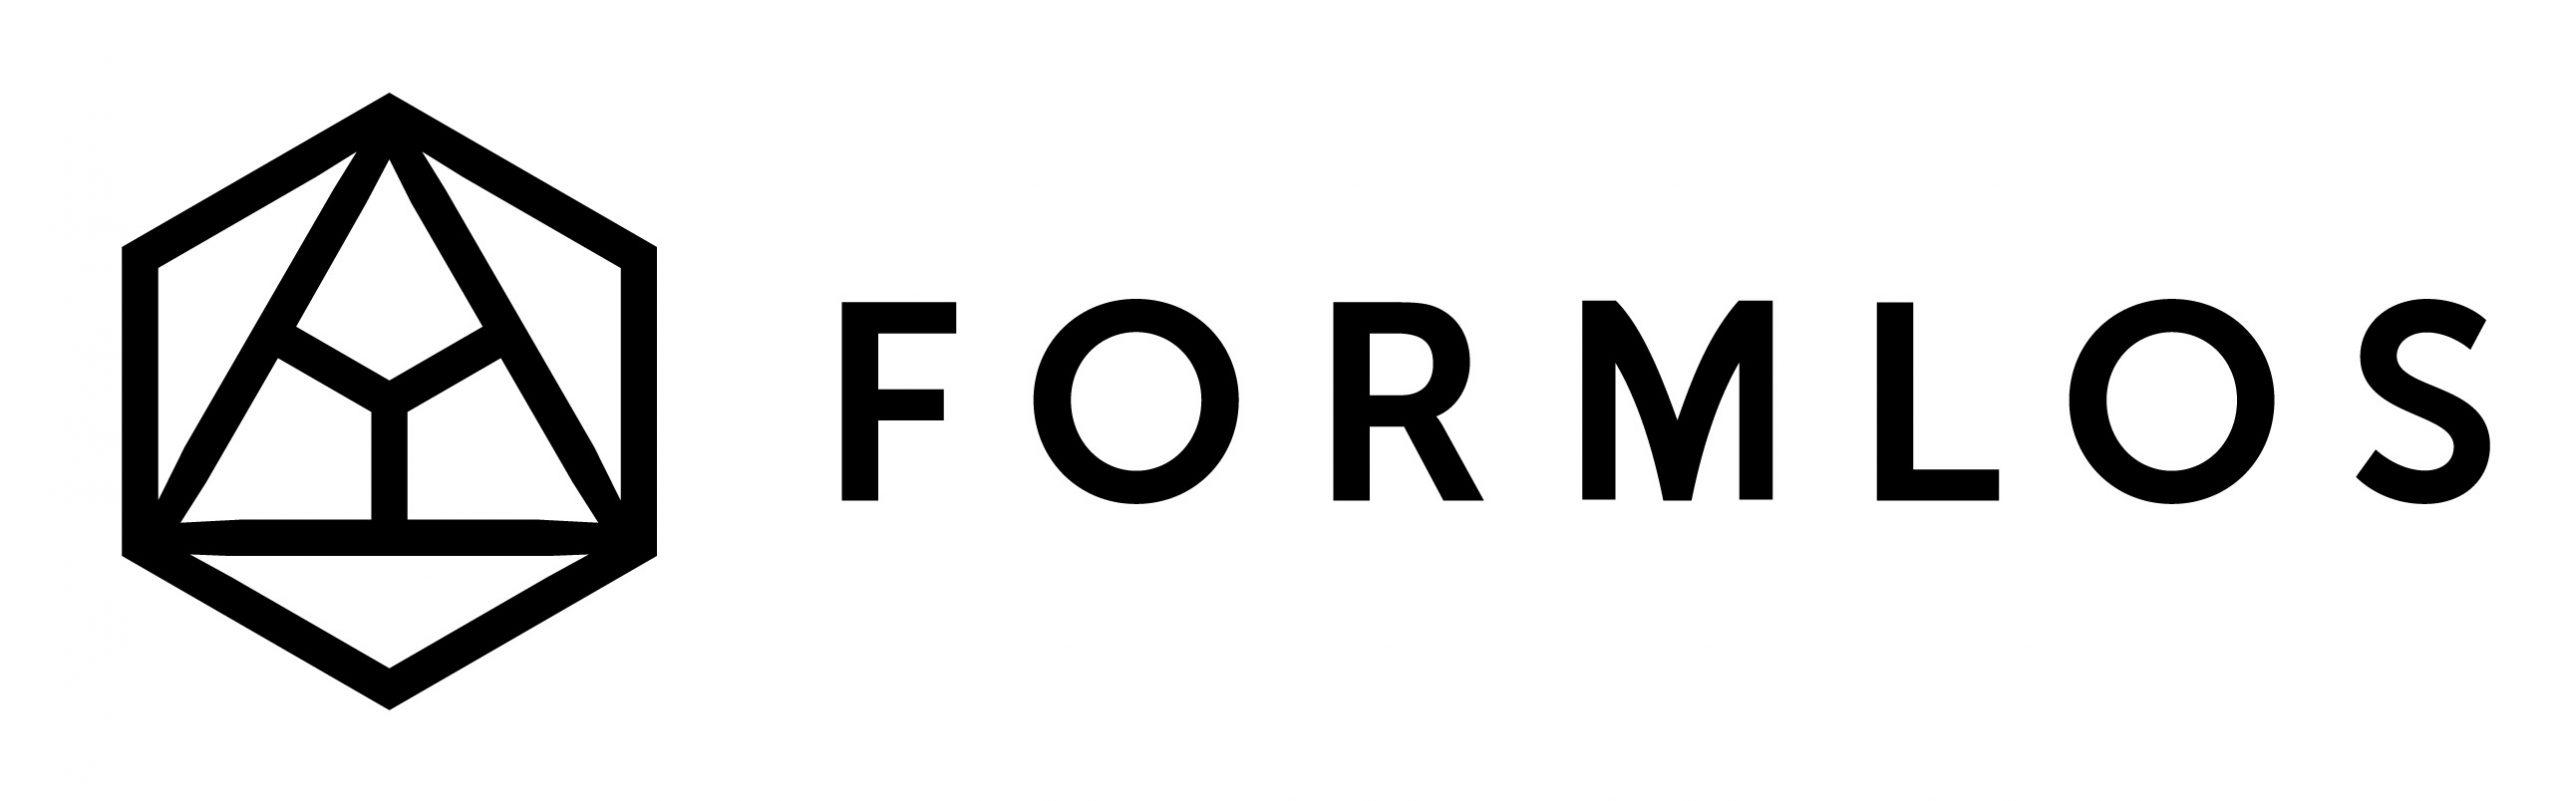 formlos-berlin-logo